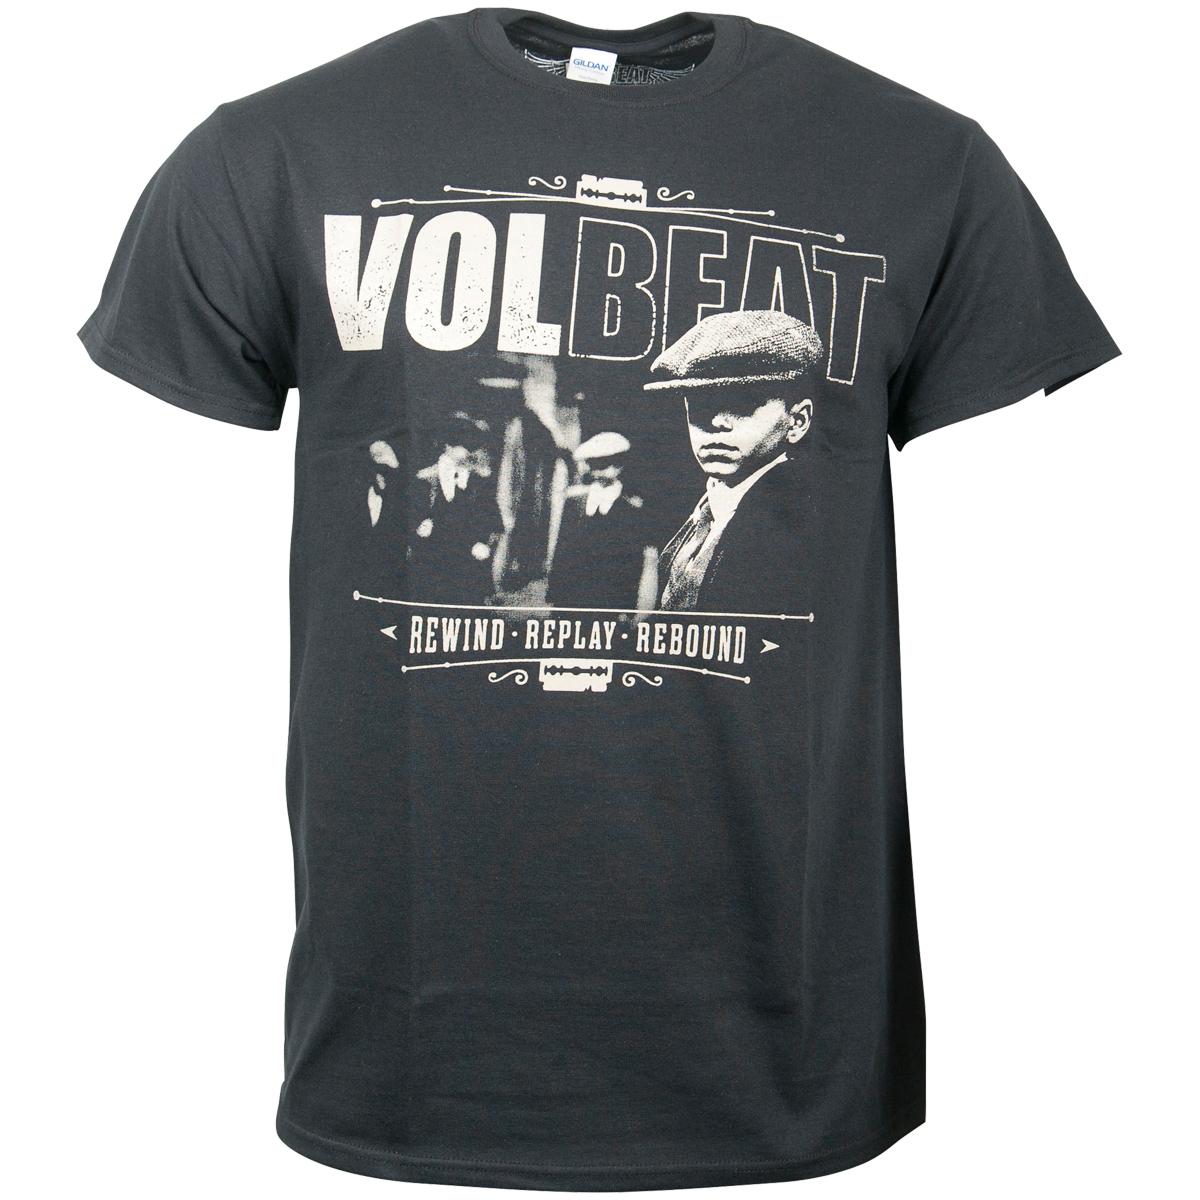 Volbeat - T-Shirt The Gang - schwarz